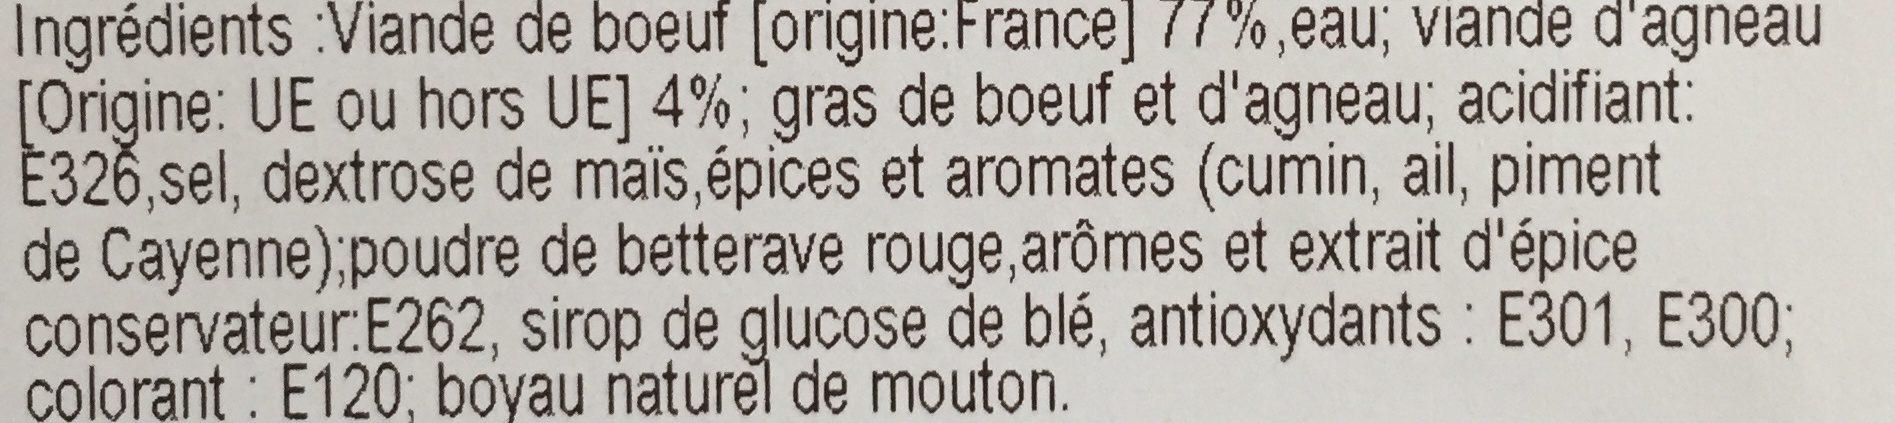 6 Merguez Véritables - Ingrédients - fr